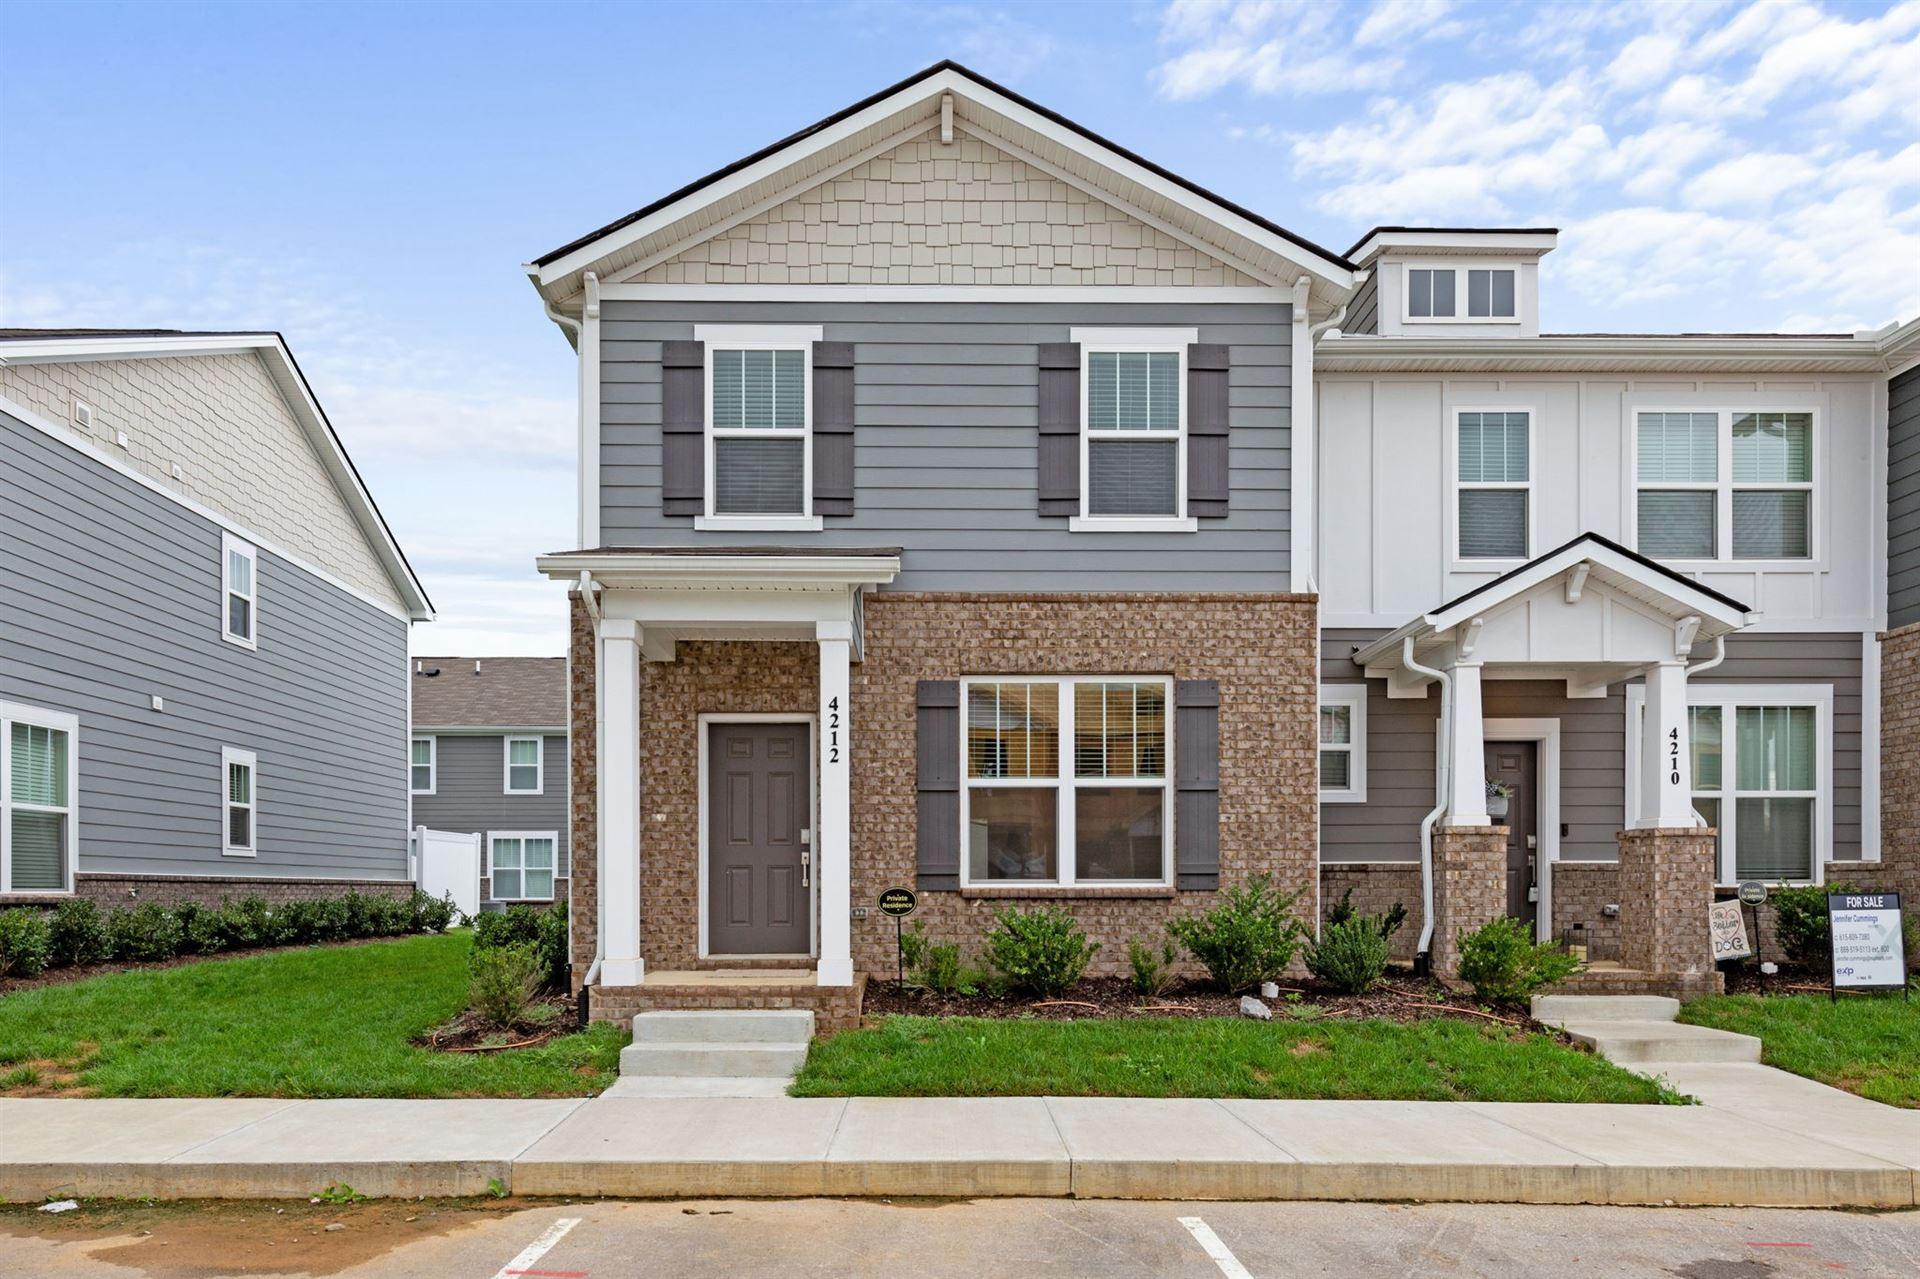 4212 Gandalf Ln, Murfreesboro, TN 37128 - MLS#: 2293555